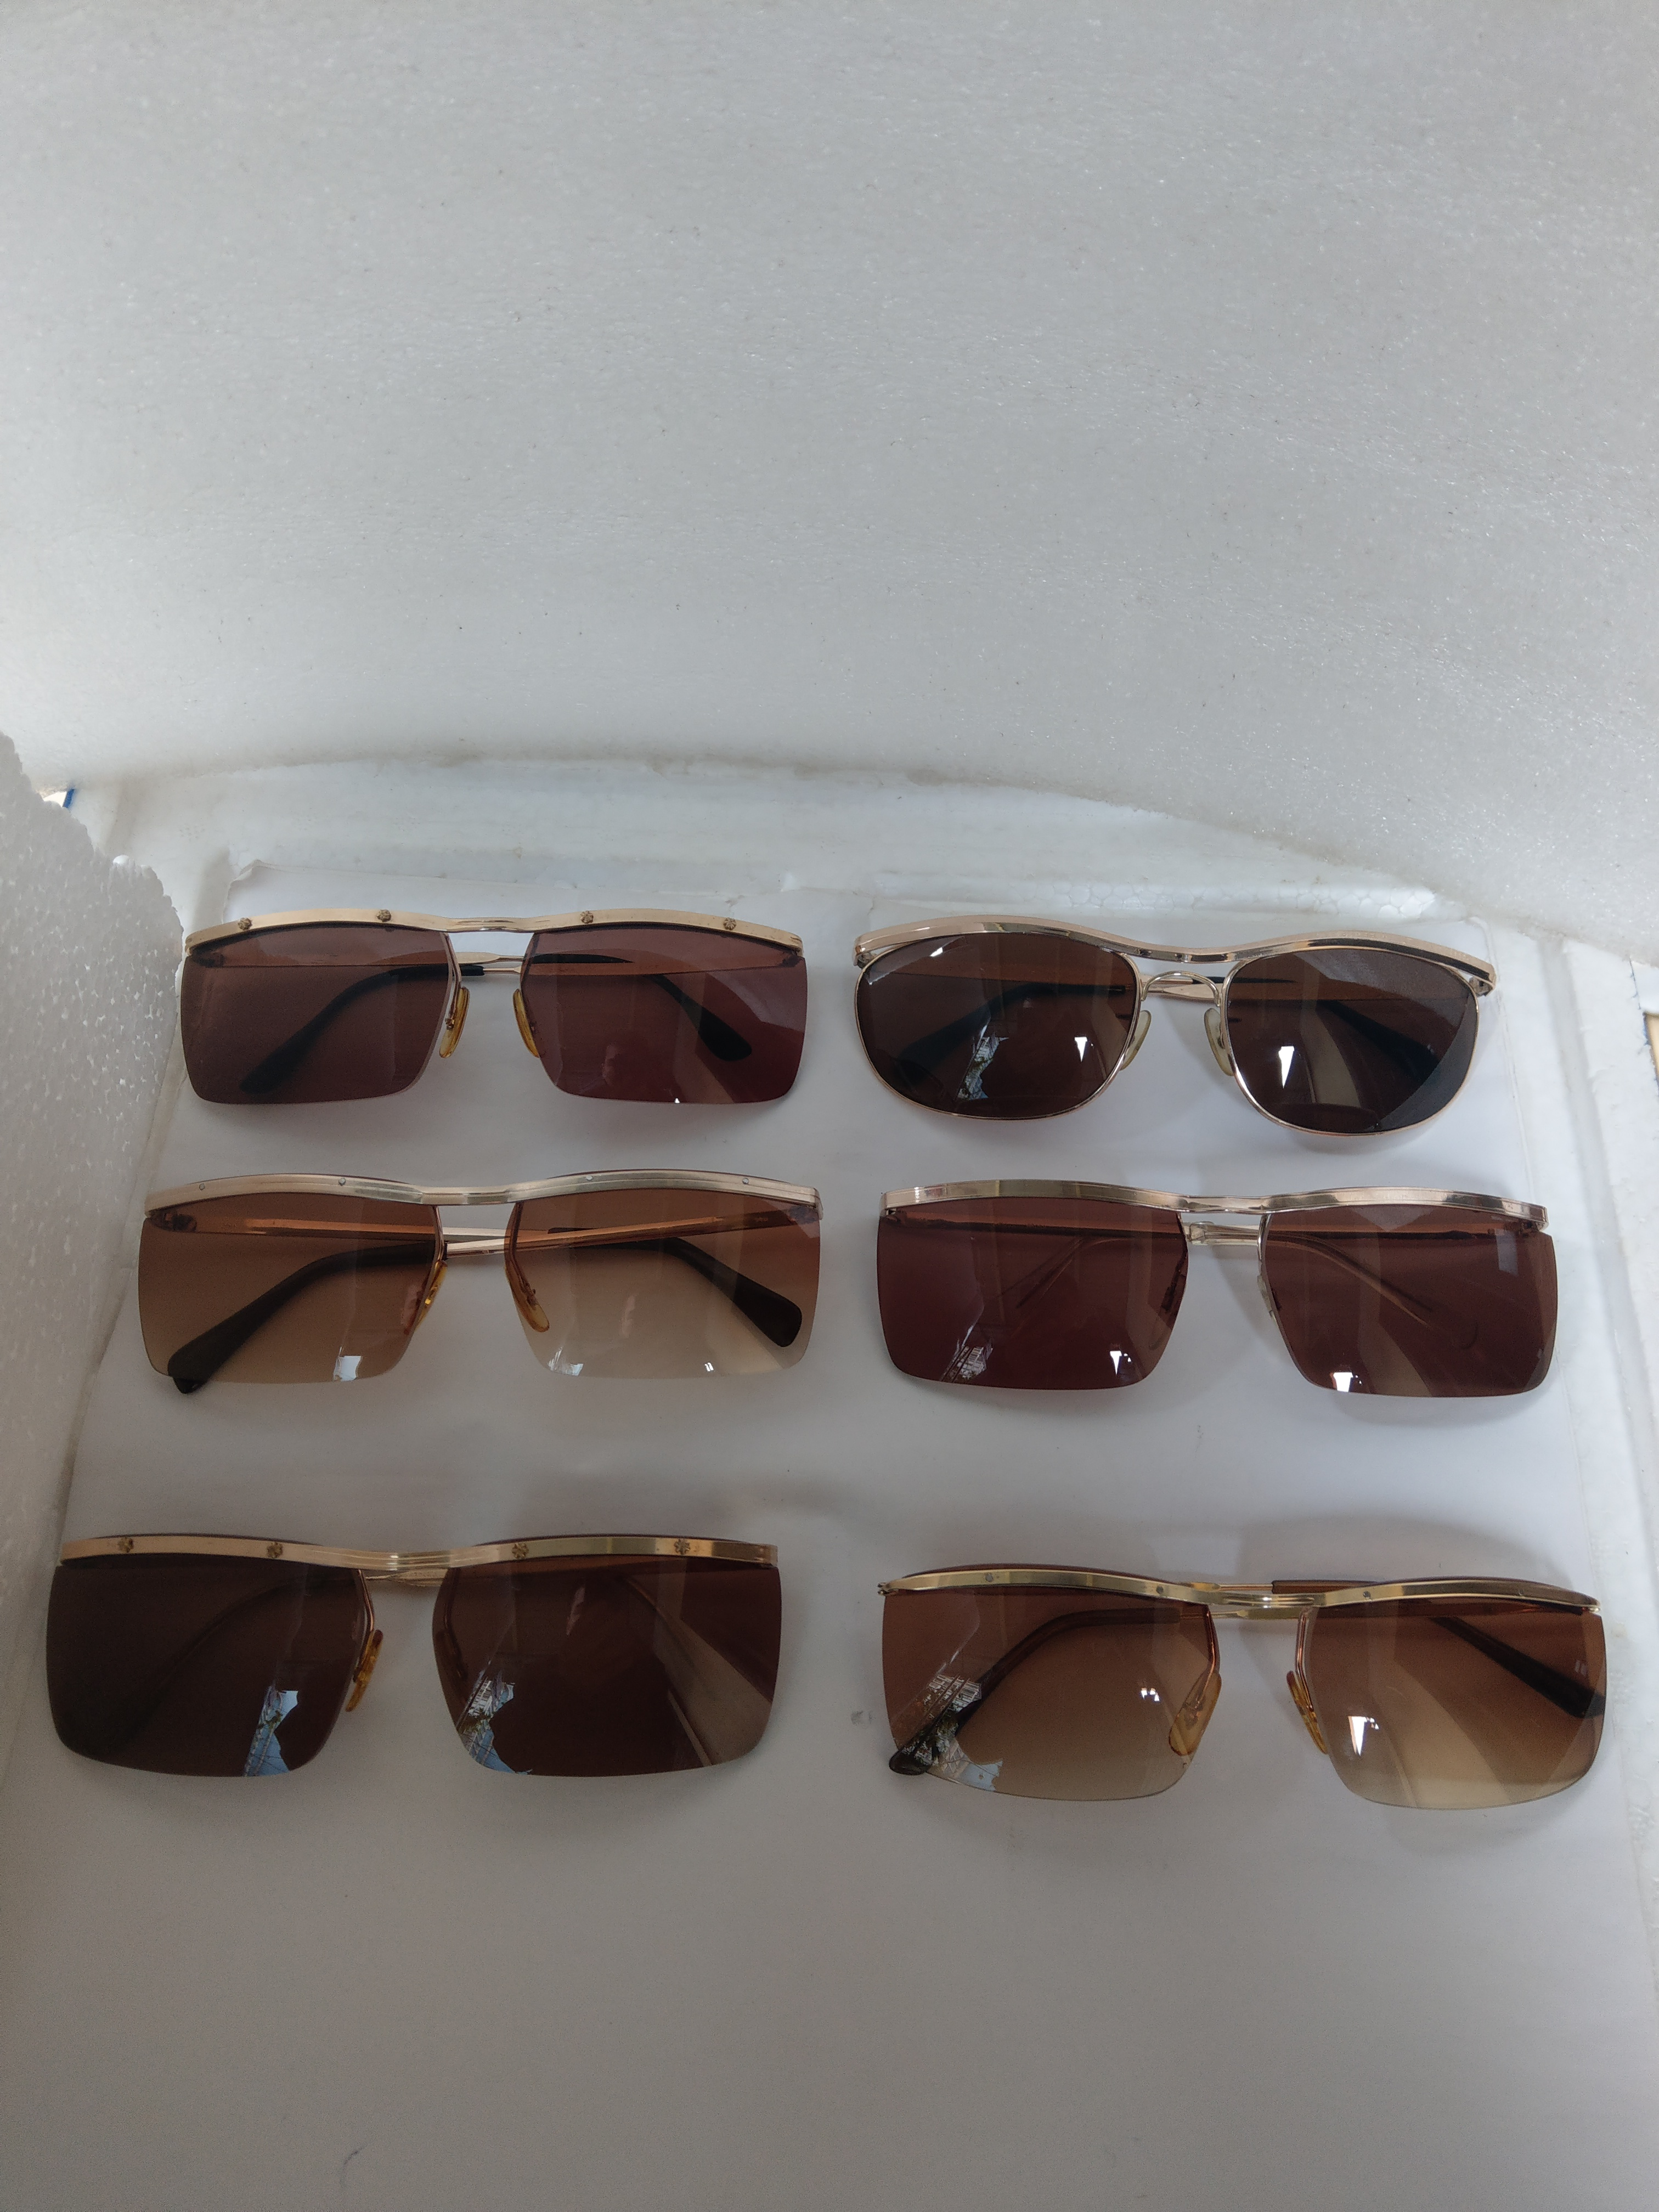 8 Ra mắt 6 cái kính cổ bọc vàng mới về sản xuất thập niên 1950